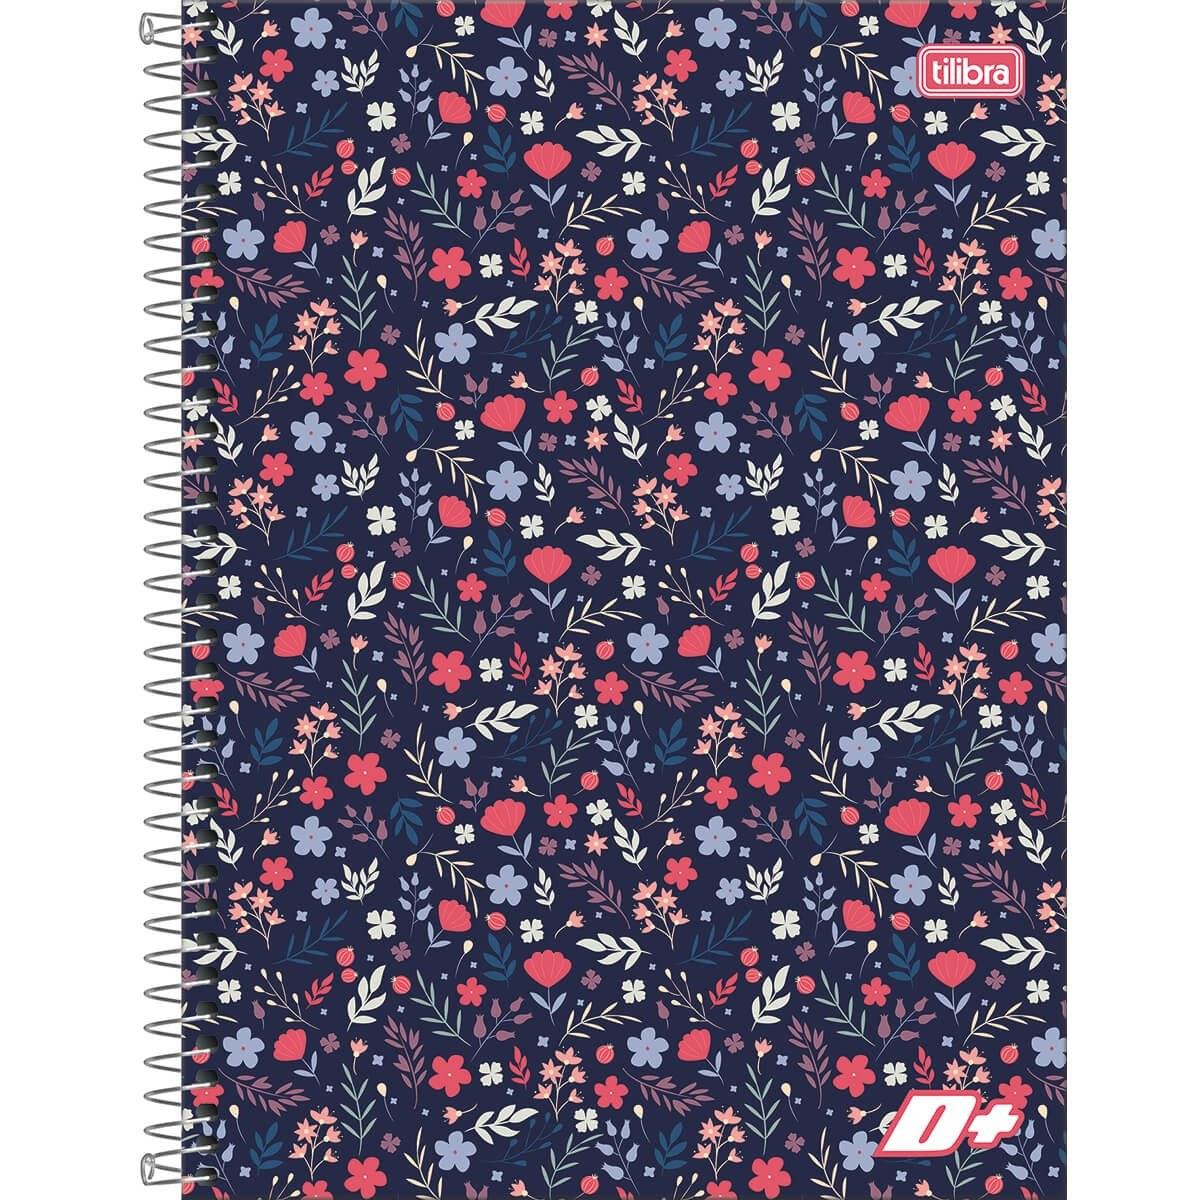 Caderno Espiral Universitário 20 Matérias D+ 400 Fls - Tilibra